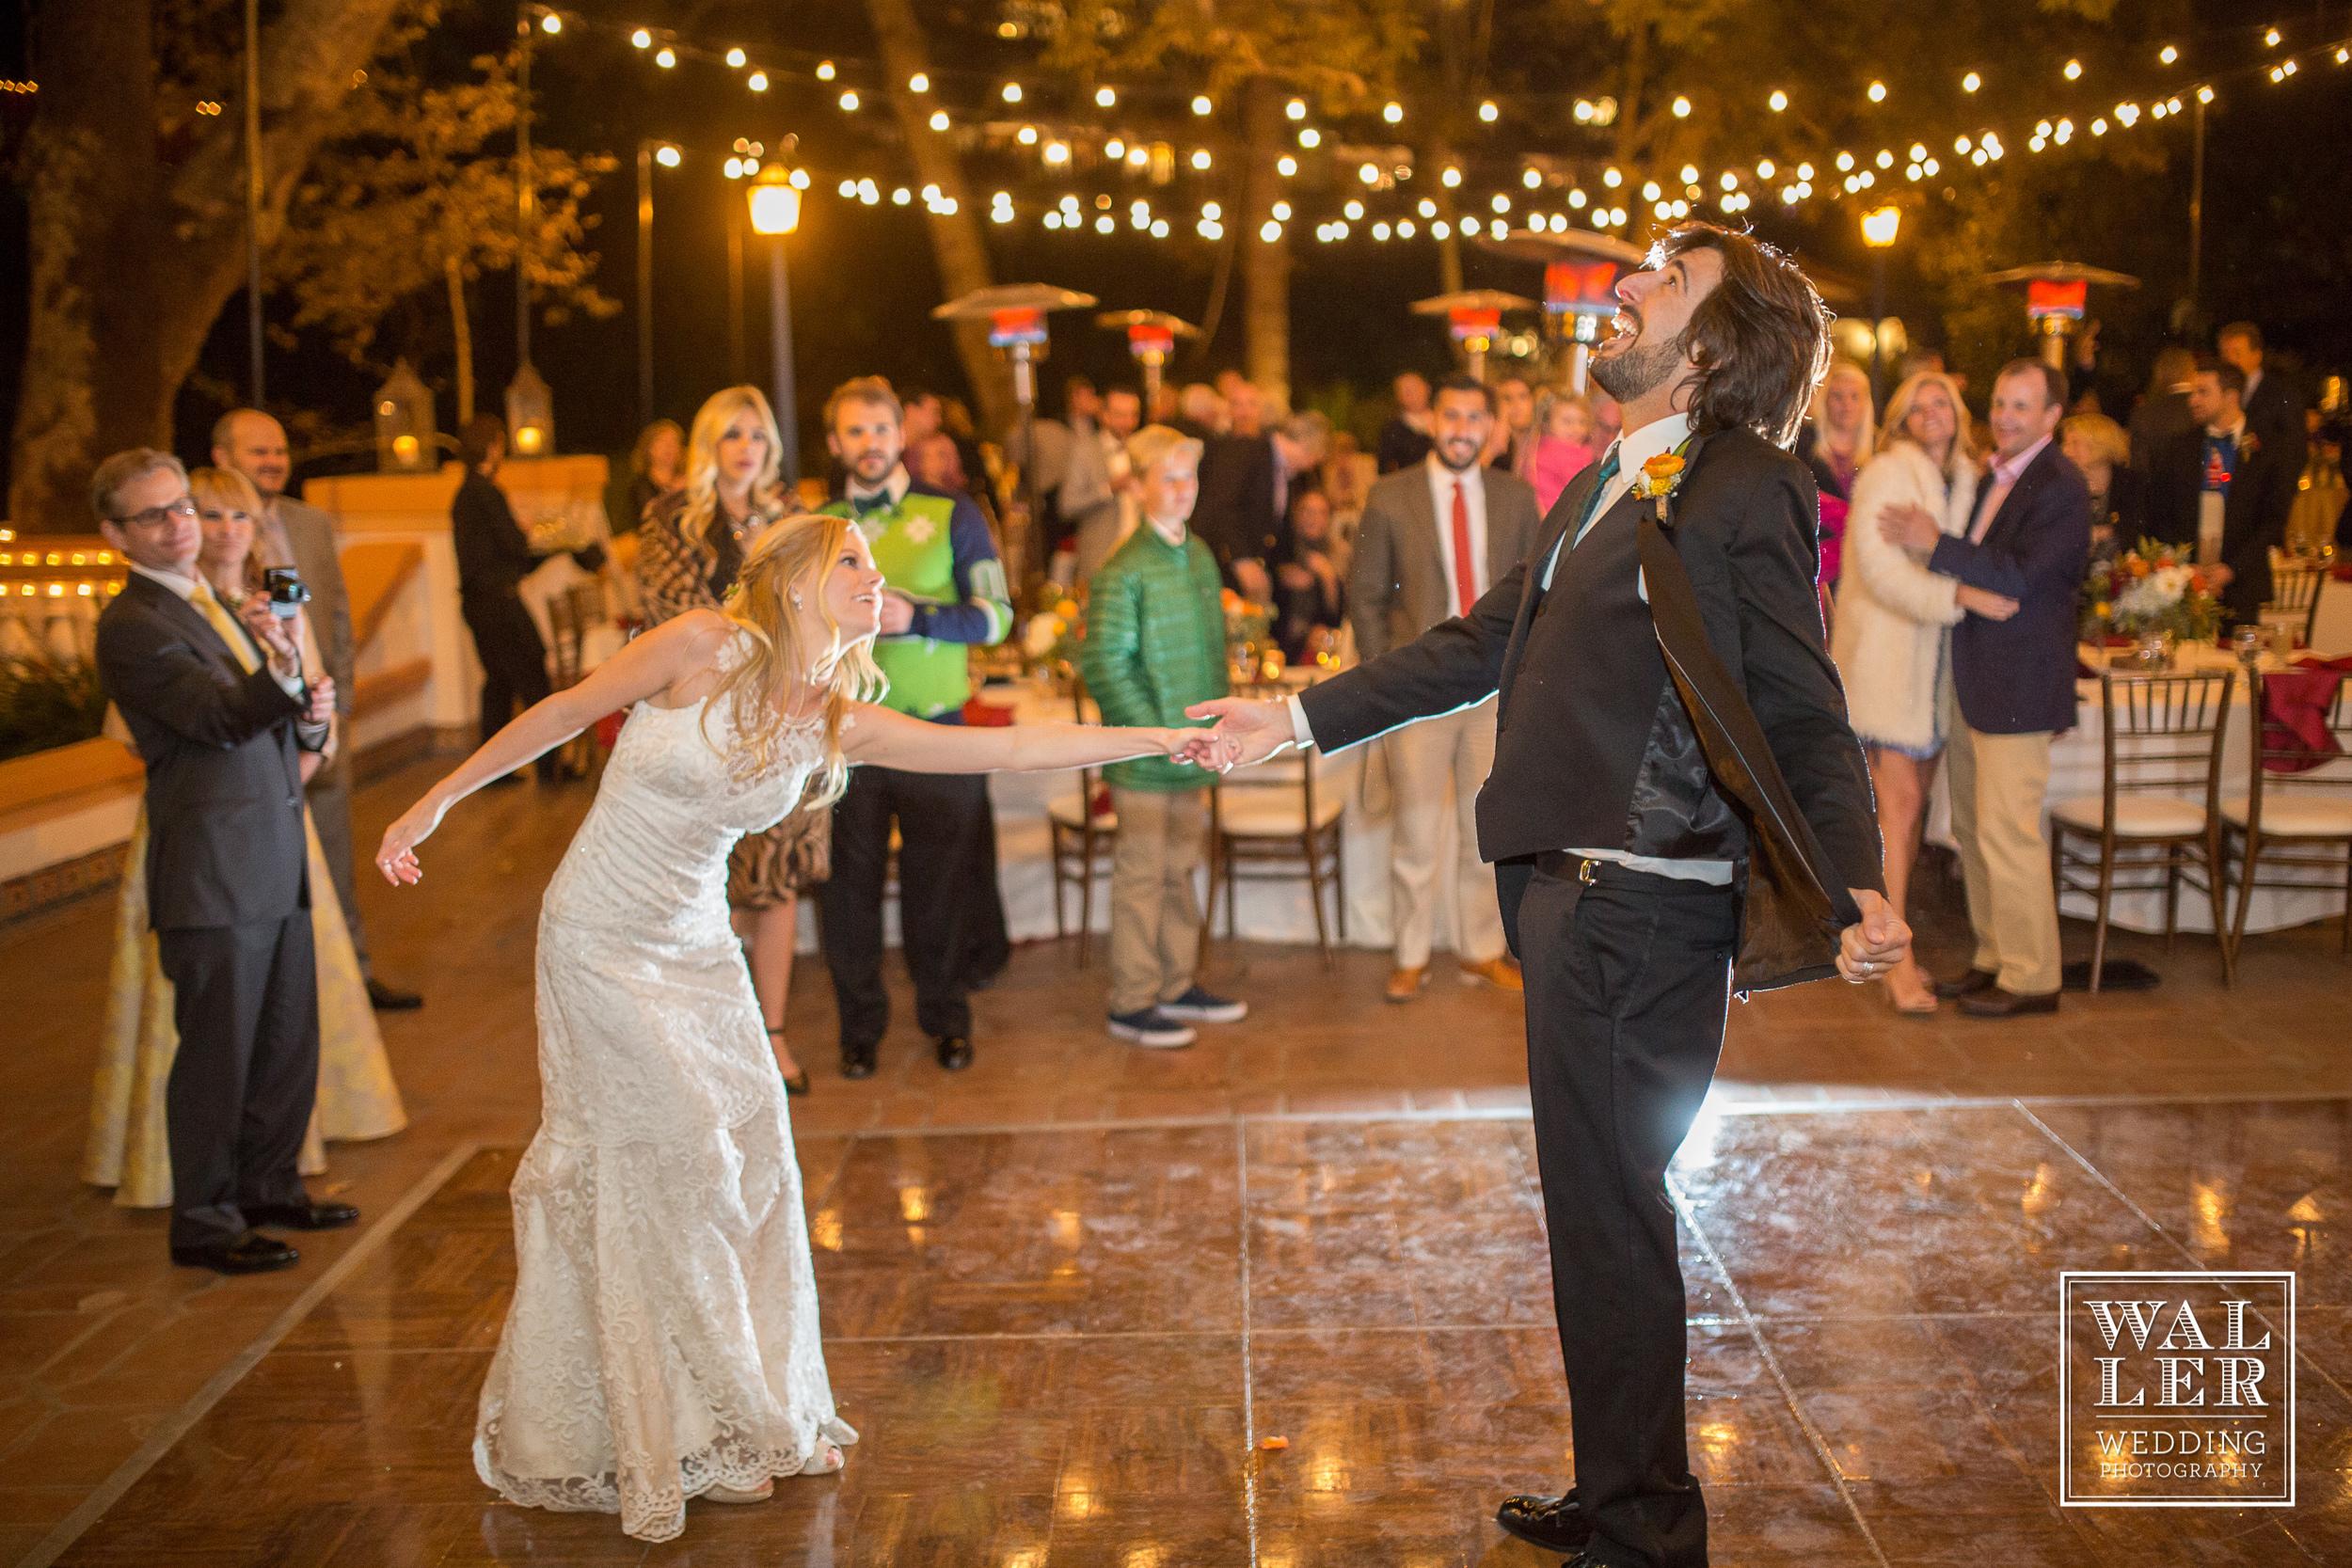 waller weddings_0089.jpg